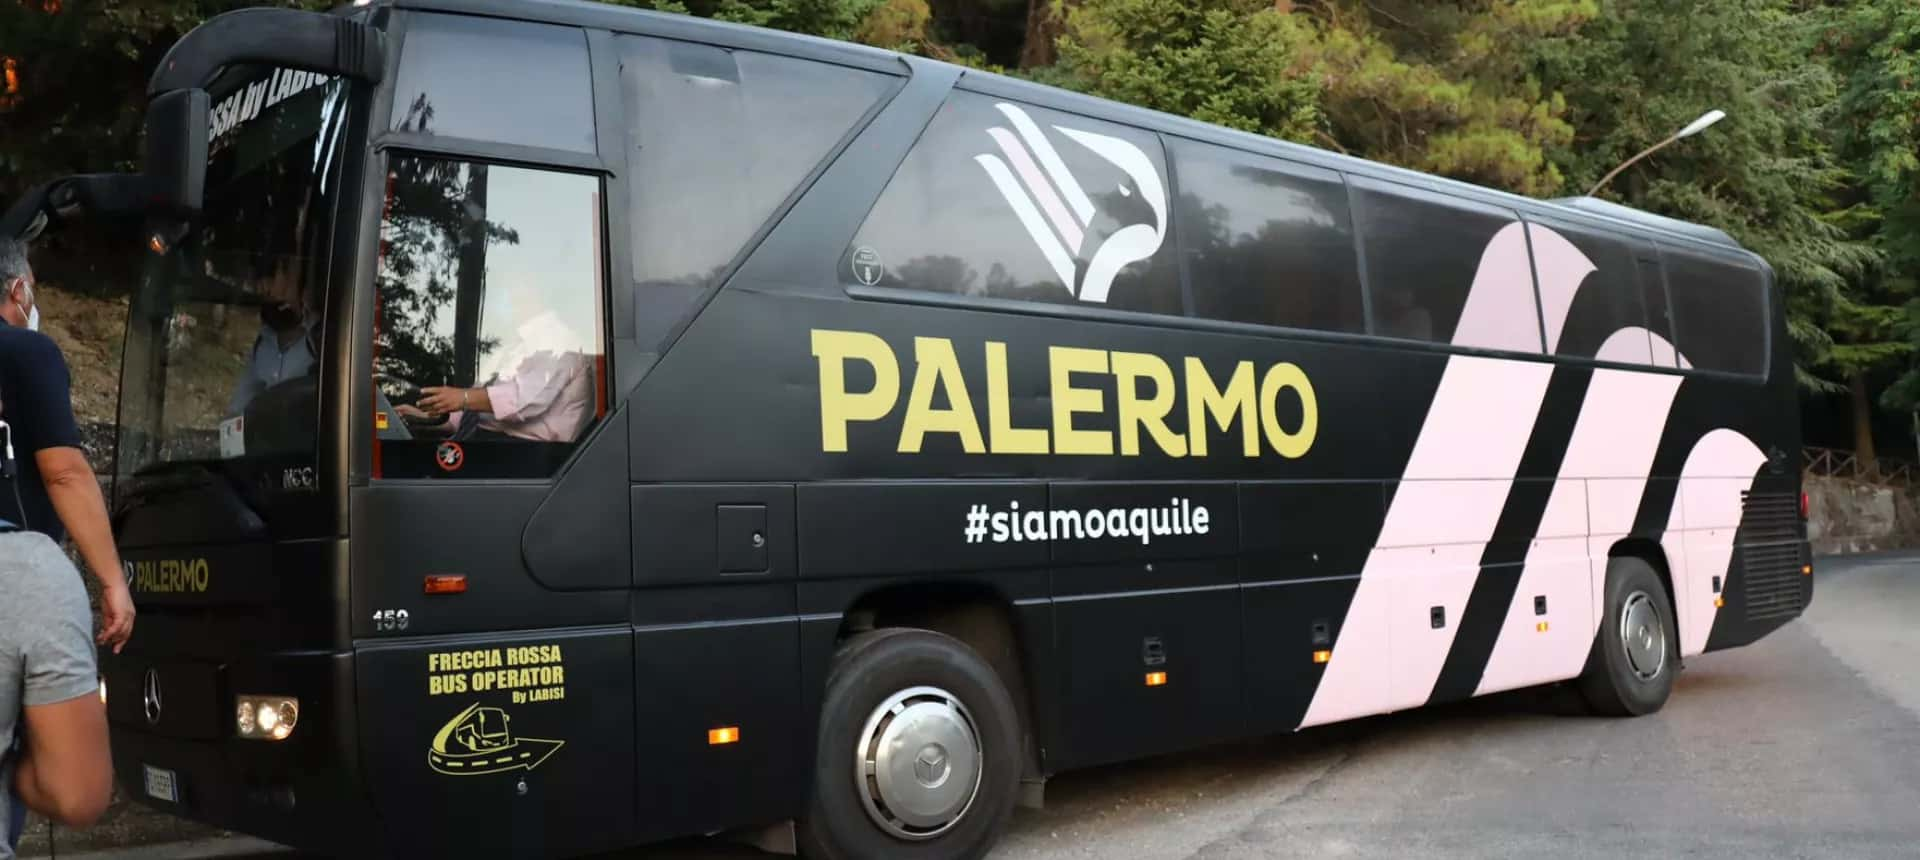 Palermo Calcio, paura lungo viale Giostra a Messina: pullman rosanero preso a sassate